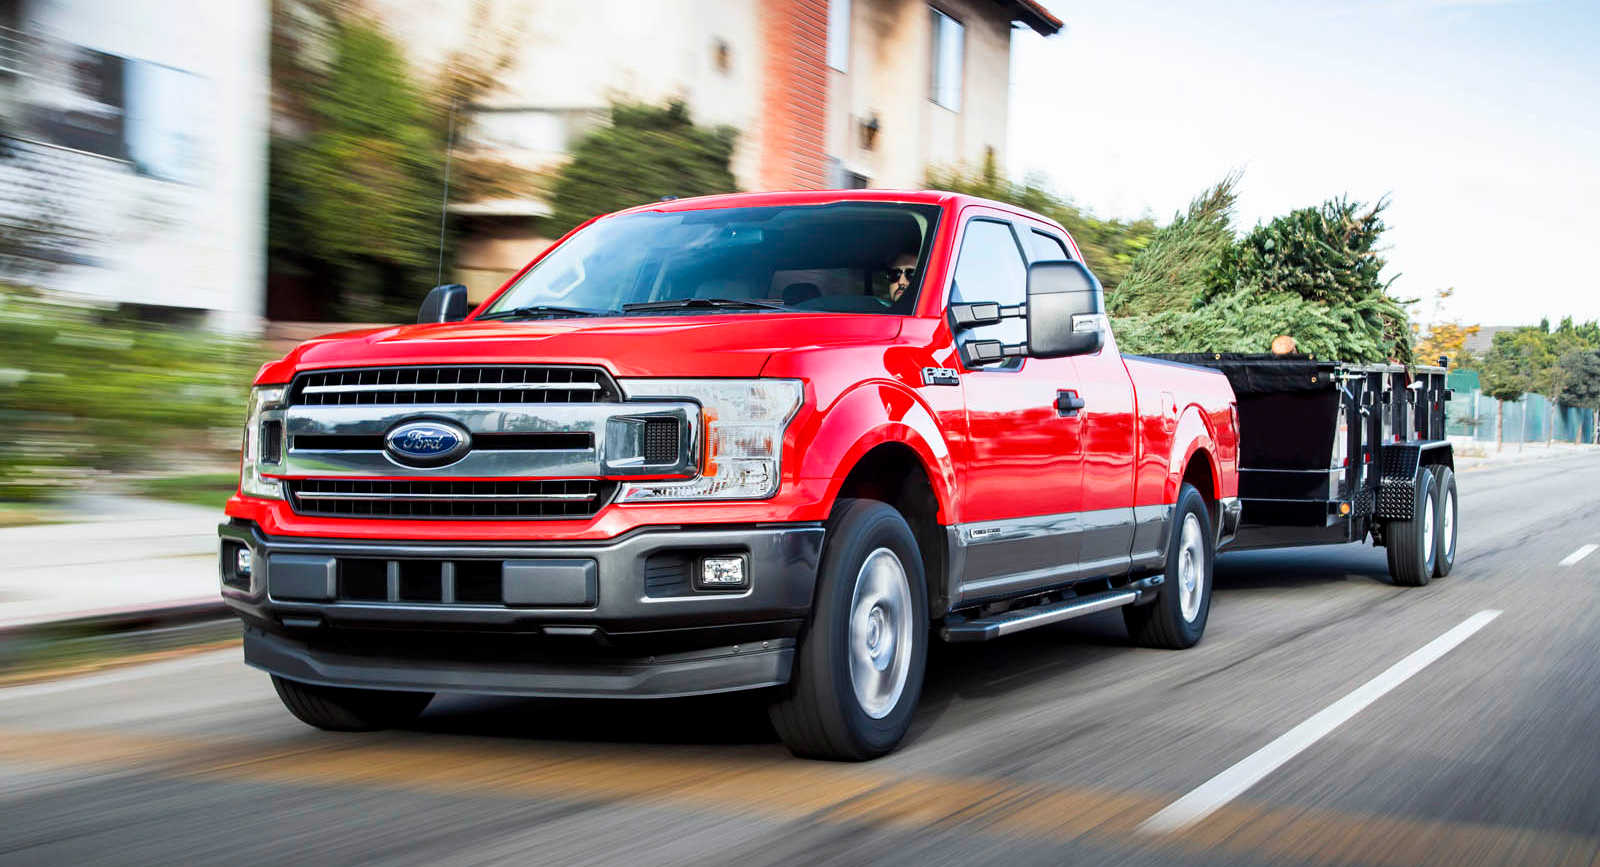 Ford triệu hồi gần 900.000 xe bán tải sau 3 vụ cháy xe